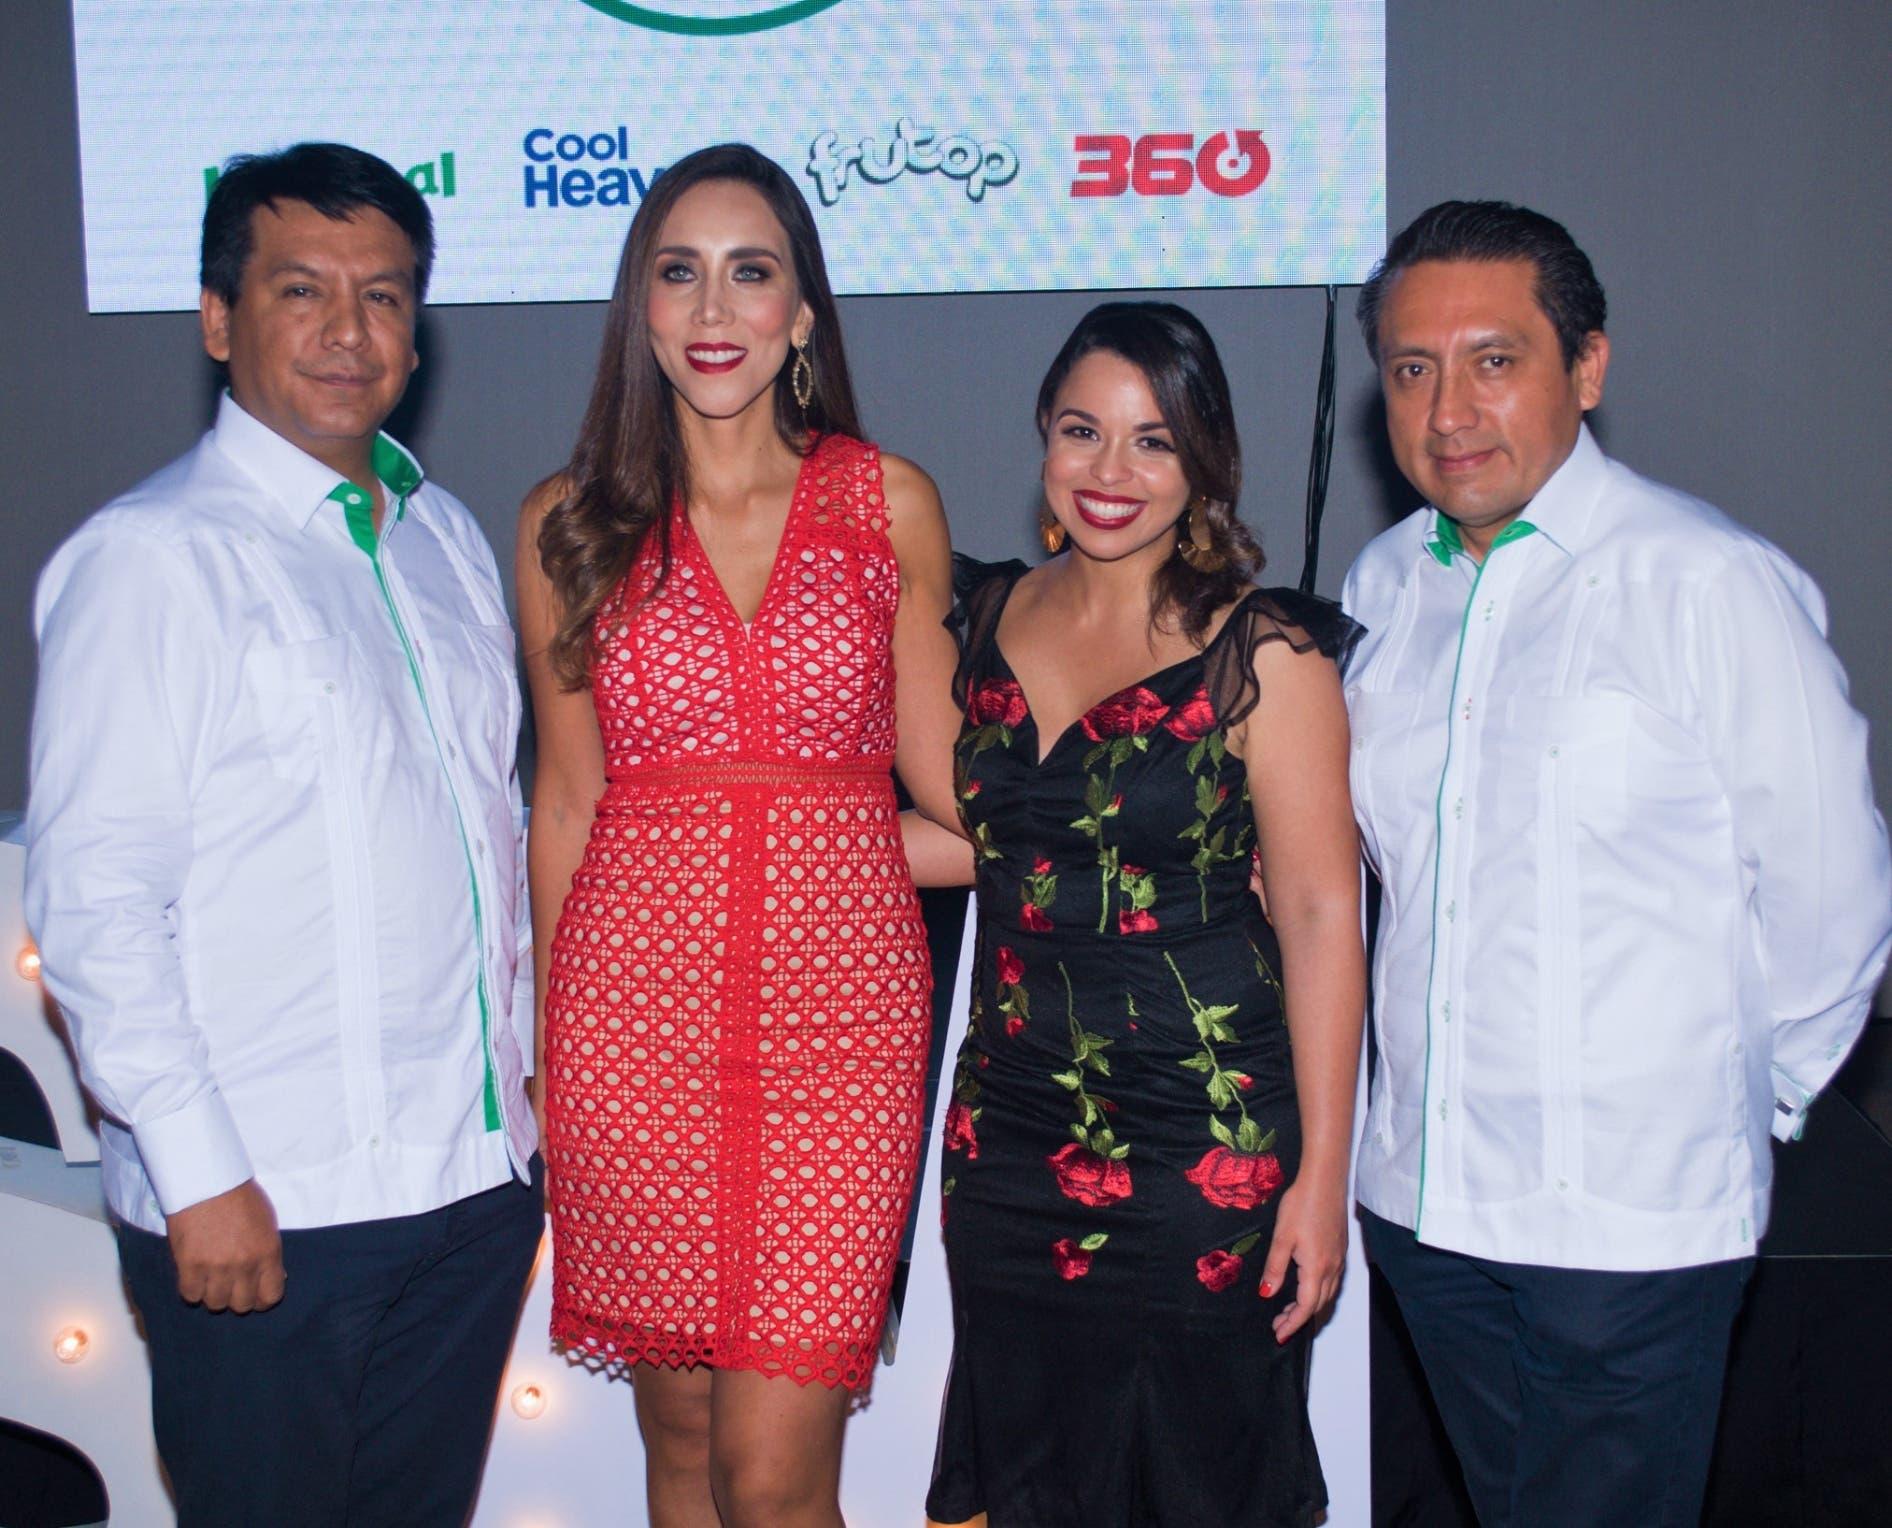 Arturo Marroquín, Lorena Gutiérrez, Gilsé Echavarría y Mario Medina.